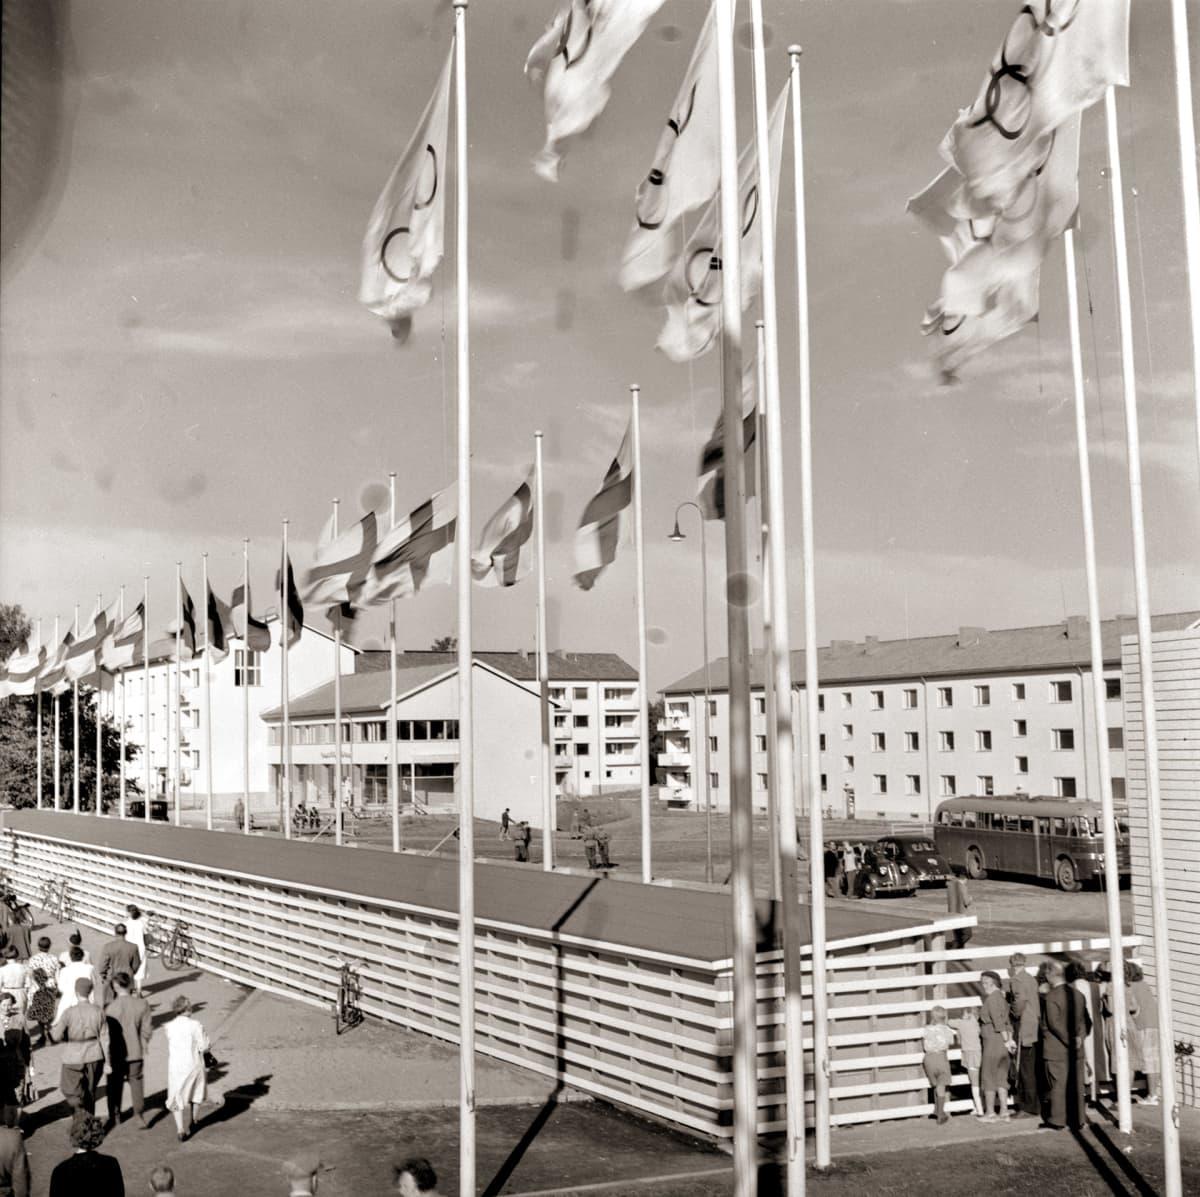 Laaja kuva ilmasta, kuvassa näkyy Kisakylän aitaus, taloja ja lippuja.